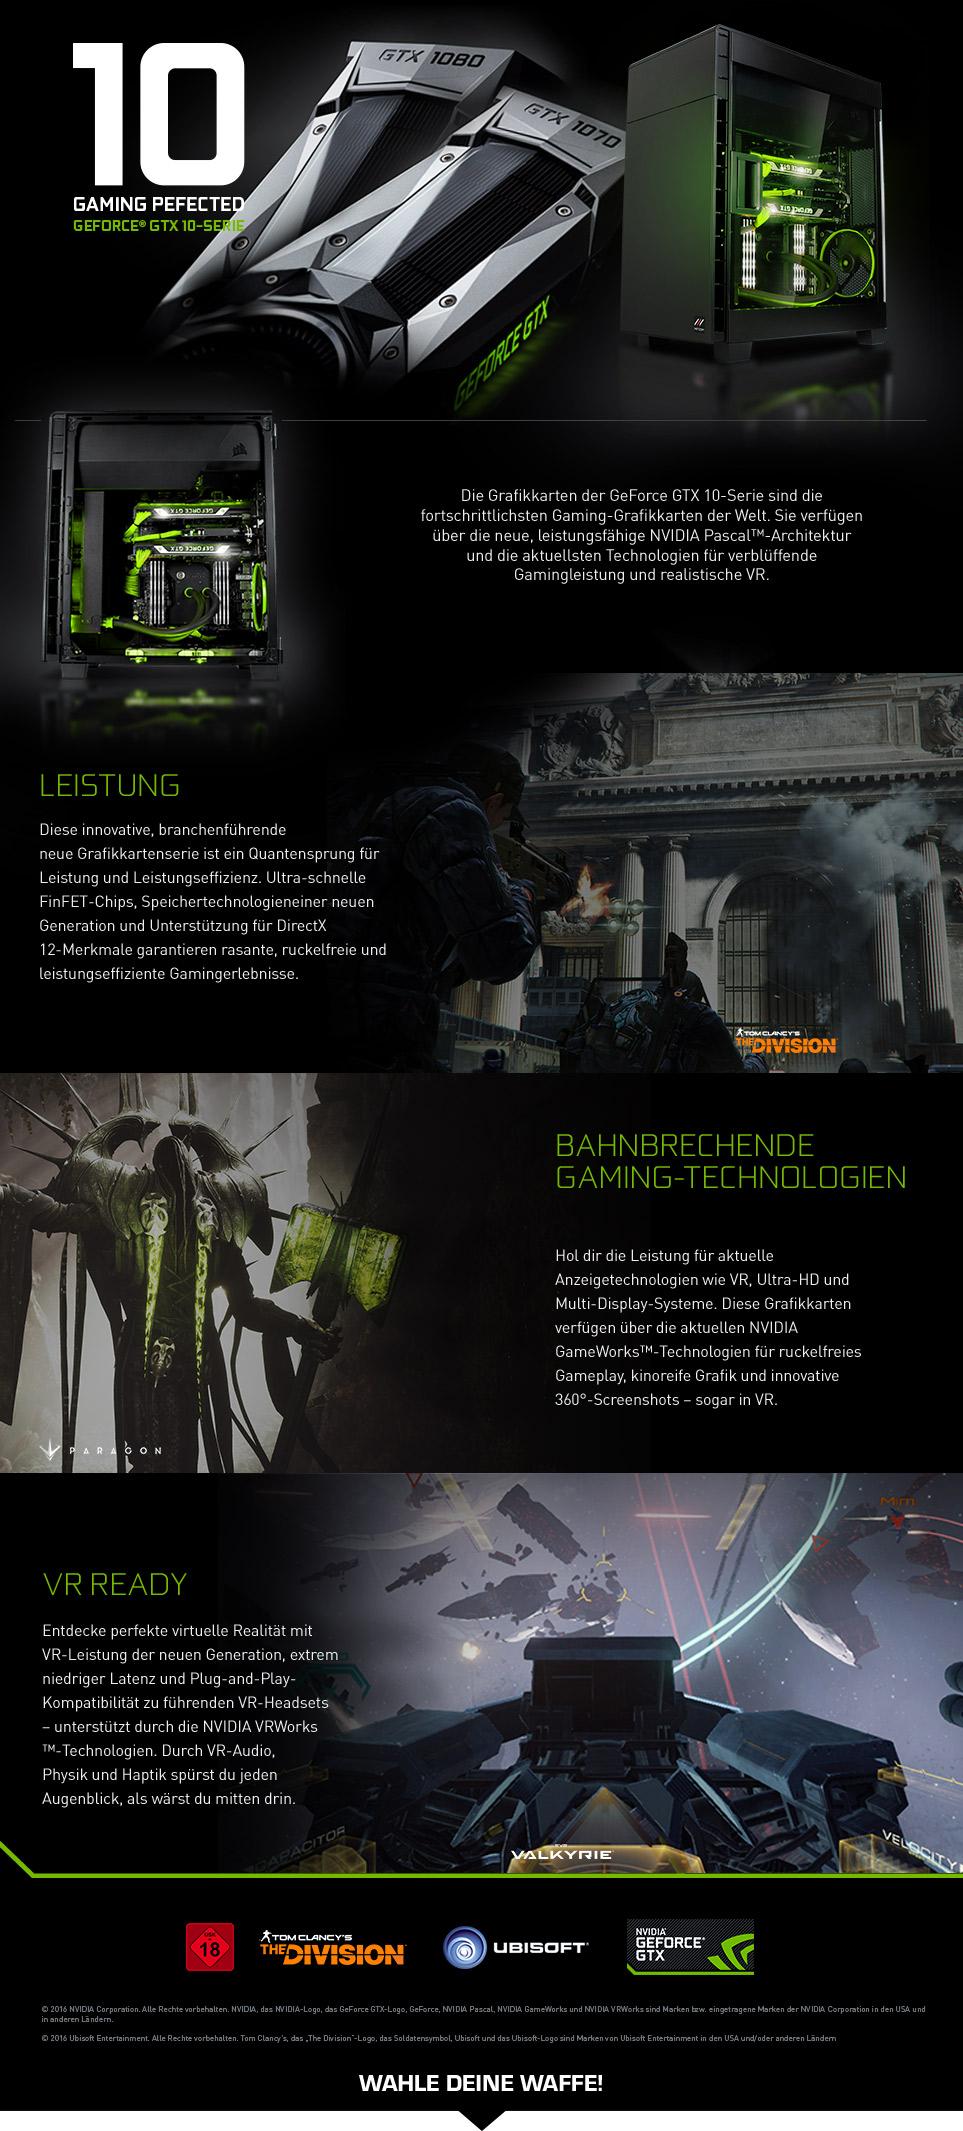 Gaming PCs mit NVIDIA GeForce GTX 1070 und GTX 1080